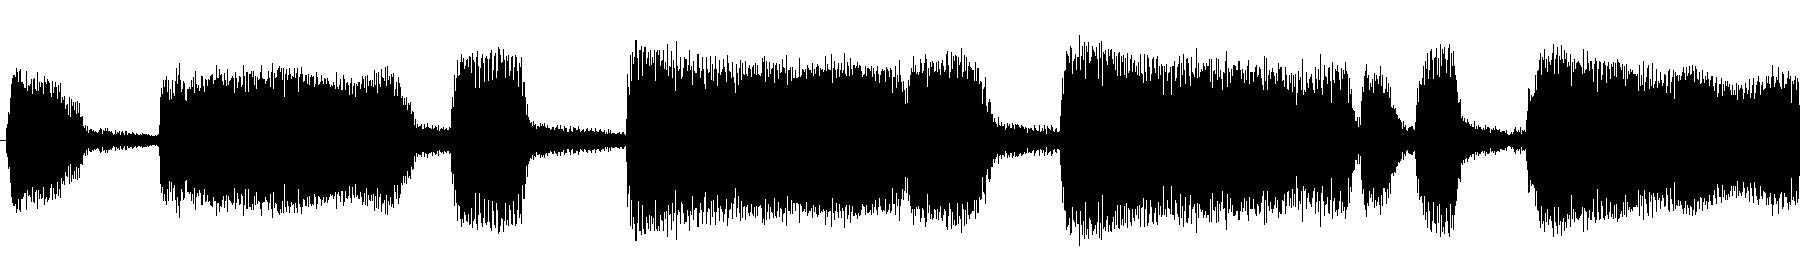 blbc cokepad 75 c